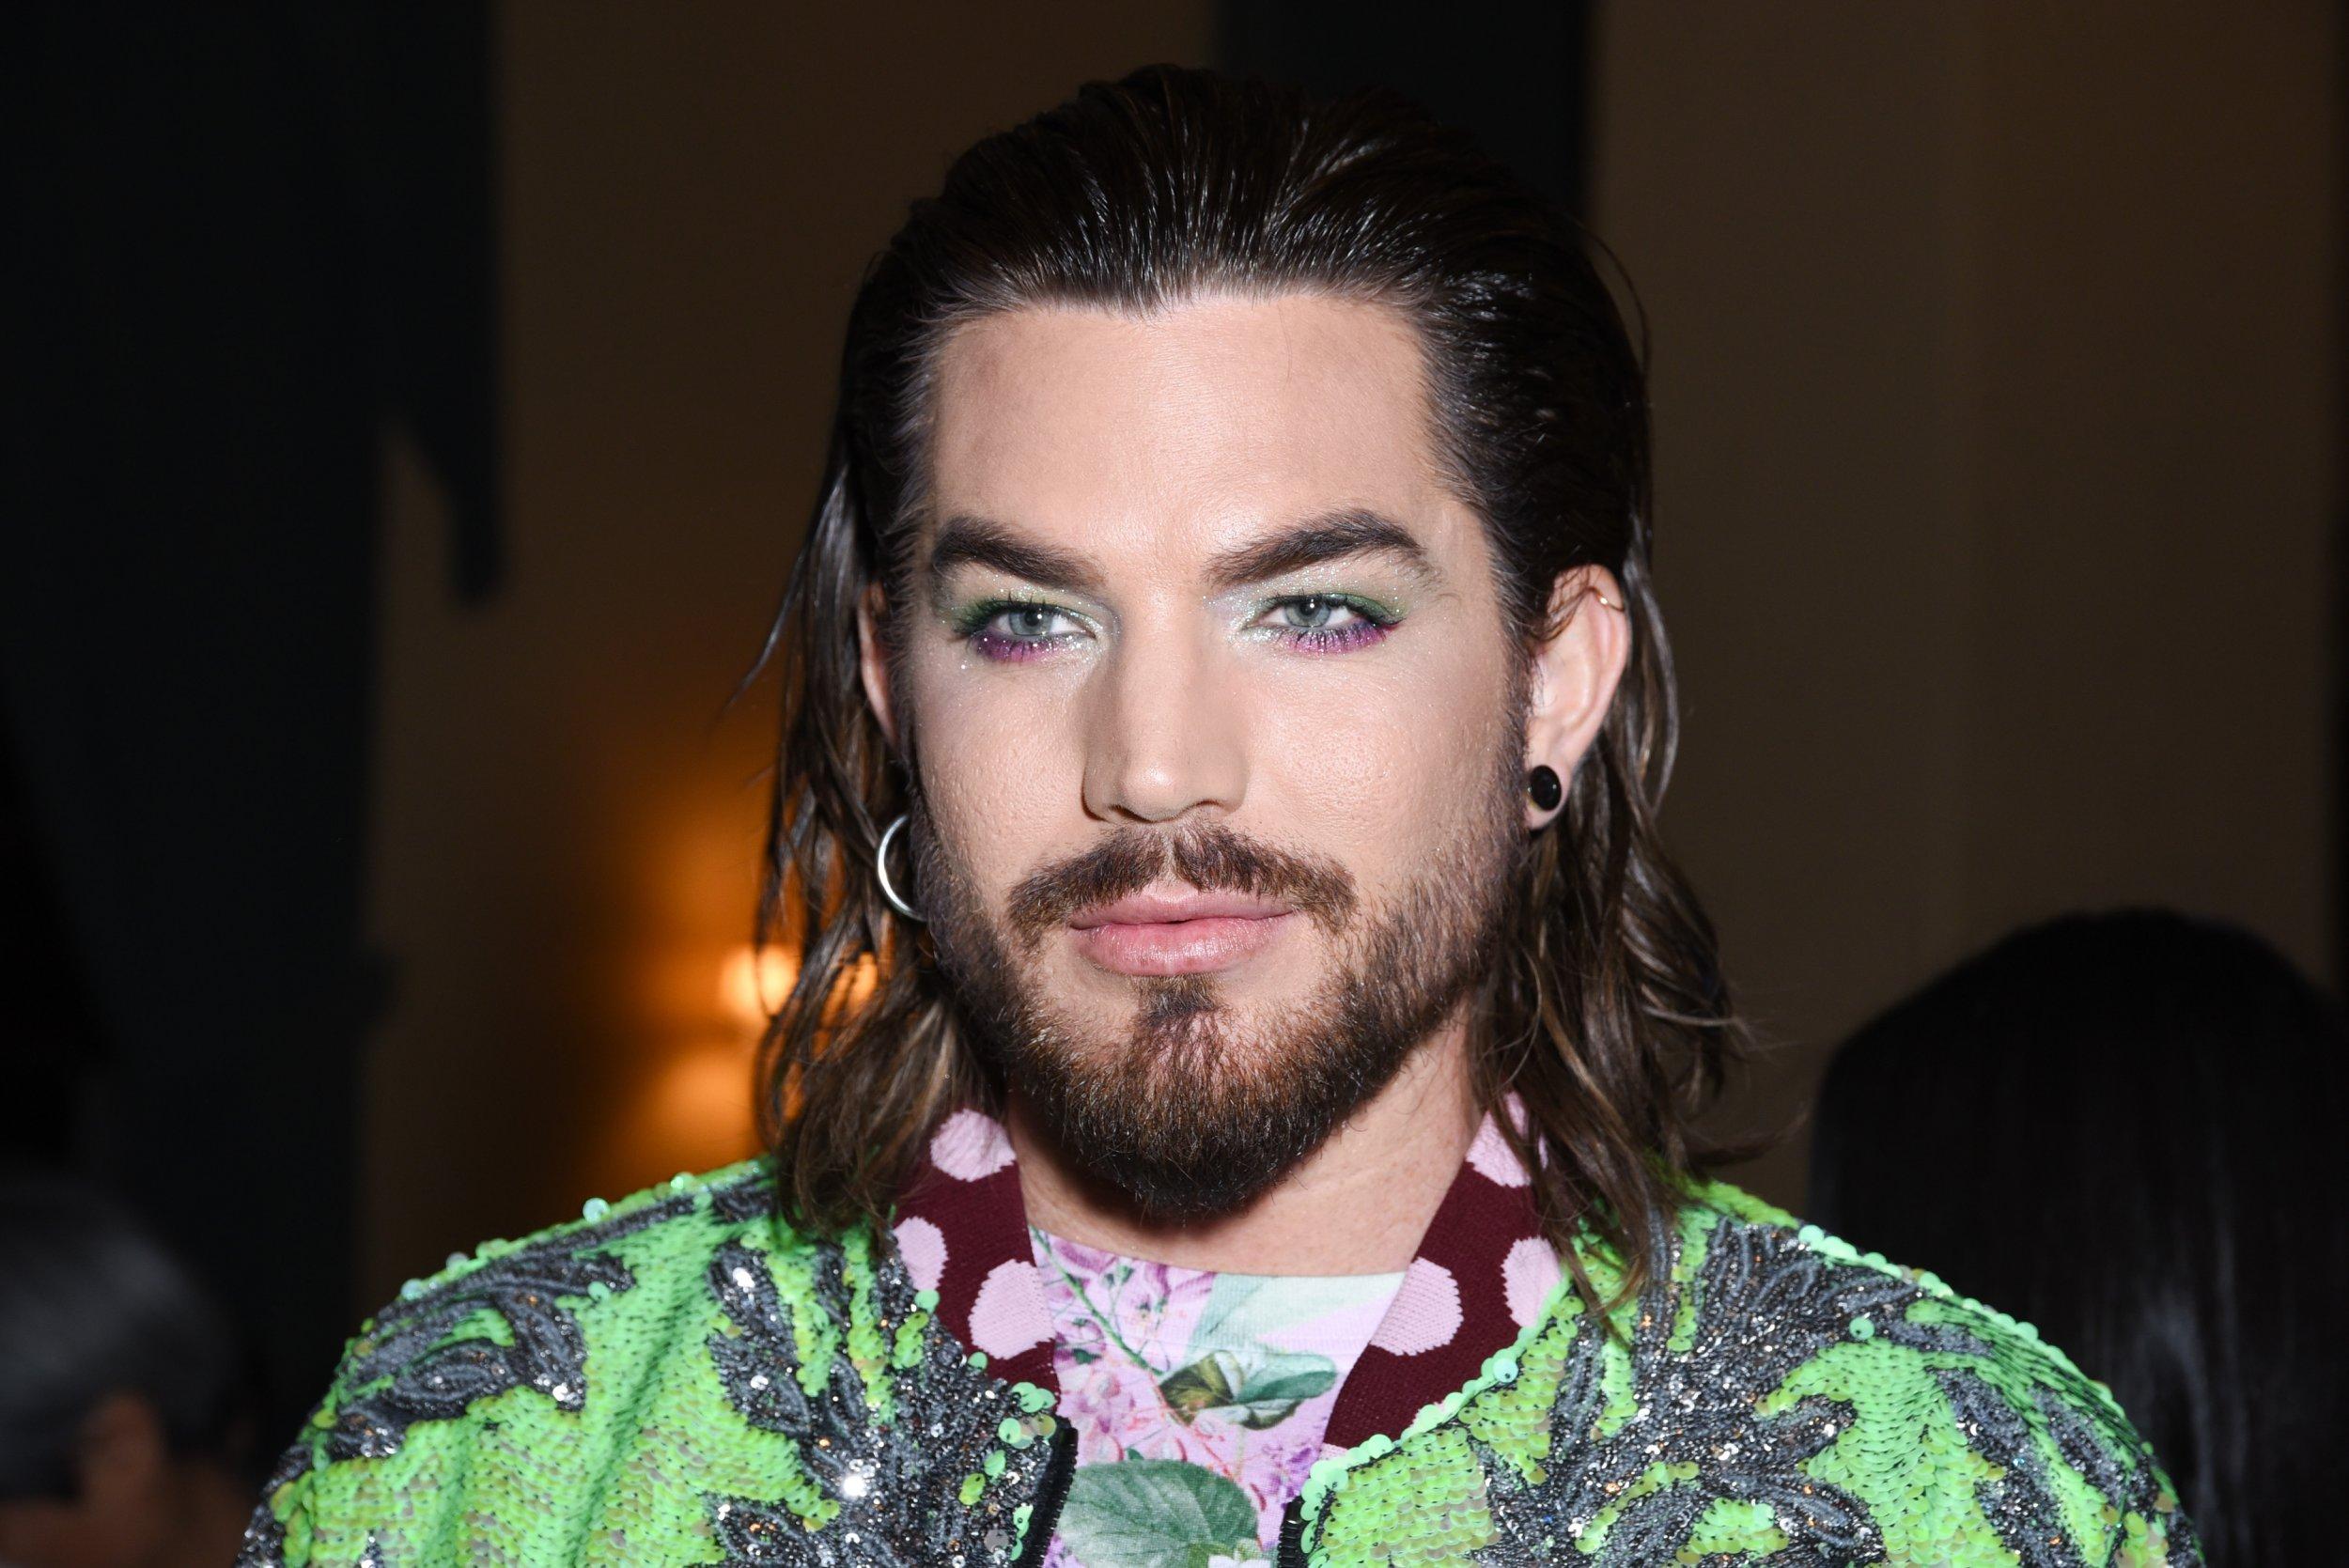 Who Is Adam Lambert?